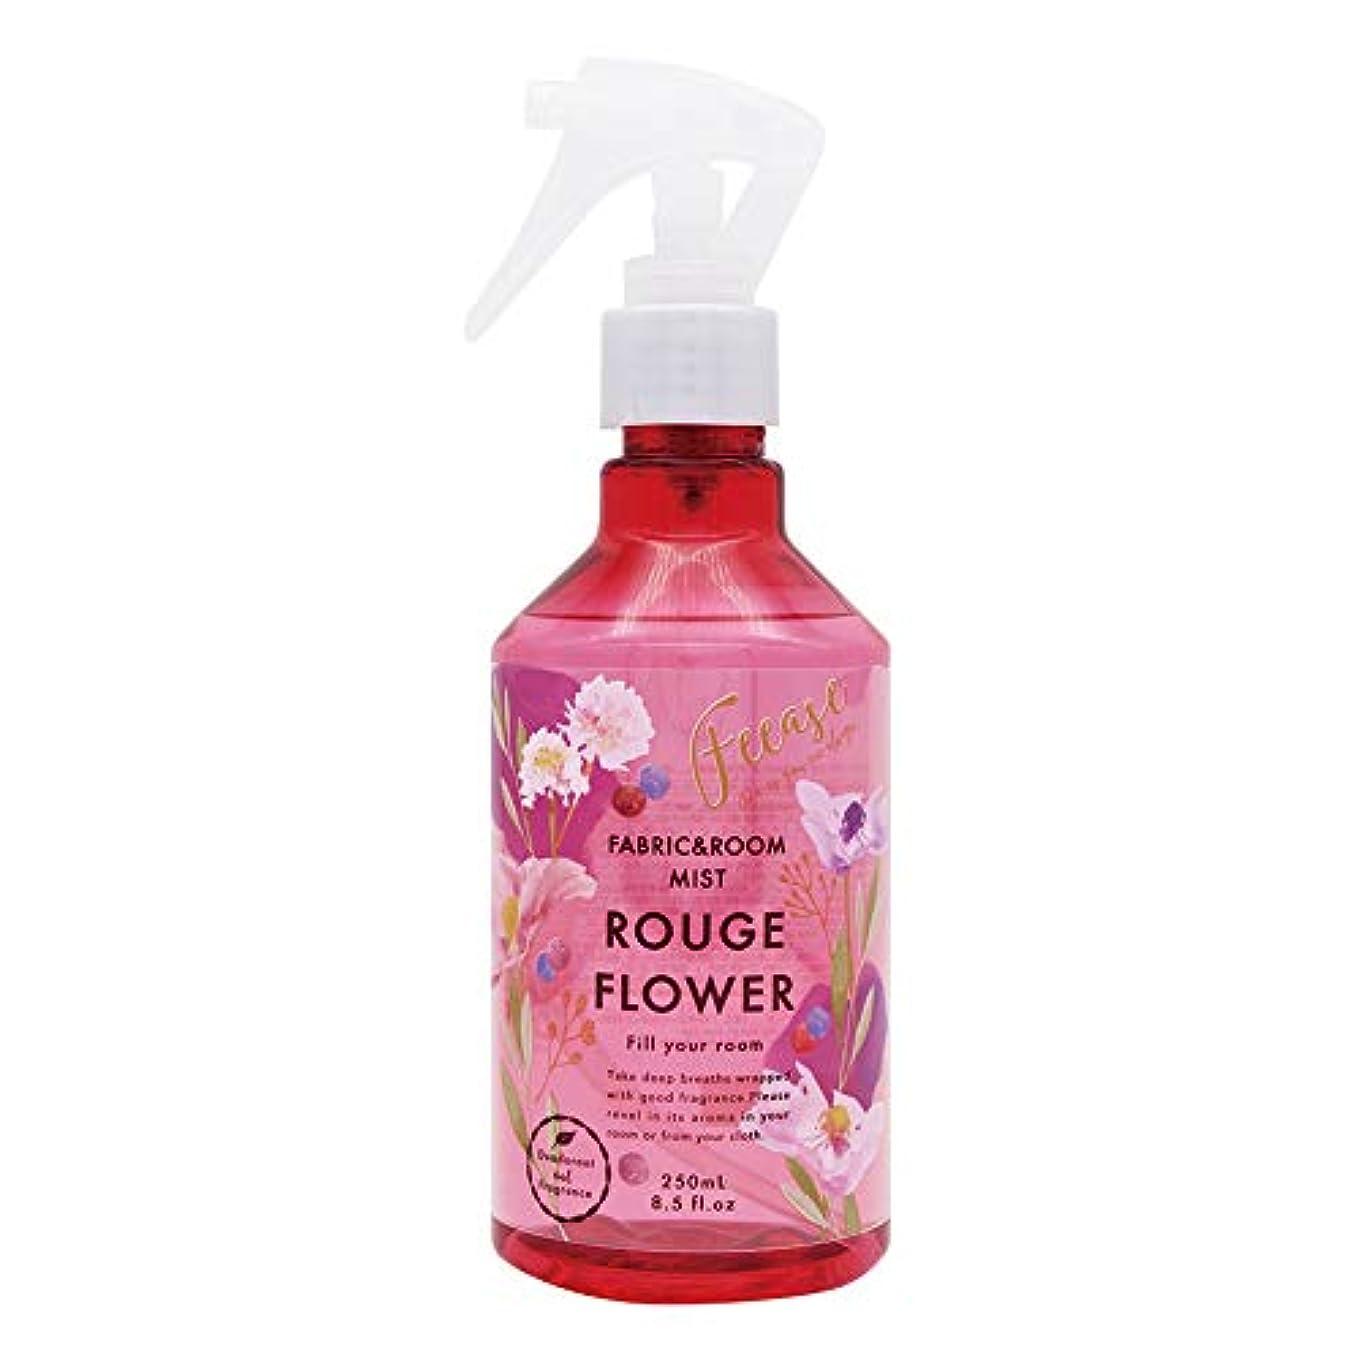 バングラデシュ次へ調整可能ノルコーポレーション ルーム&ファブリックミスト フィース 消臭成分配合 OA-FEE-1-1 ルージュフラワーの香り 250ml